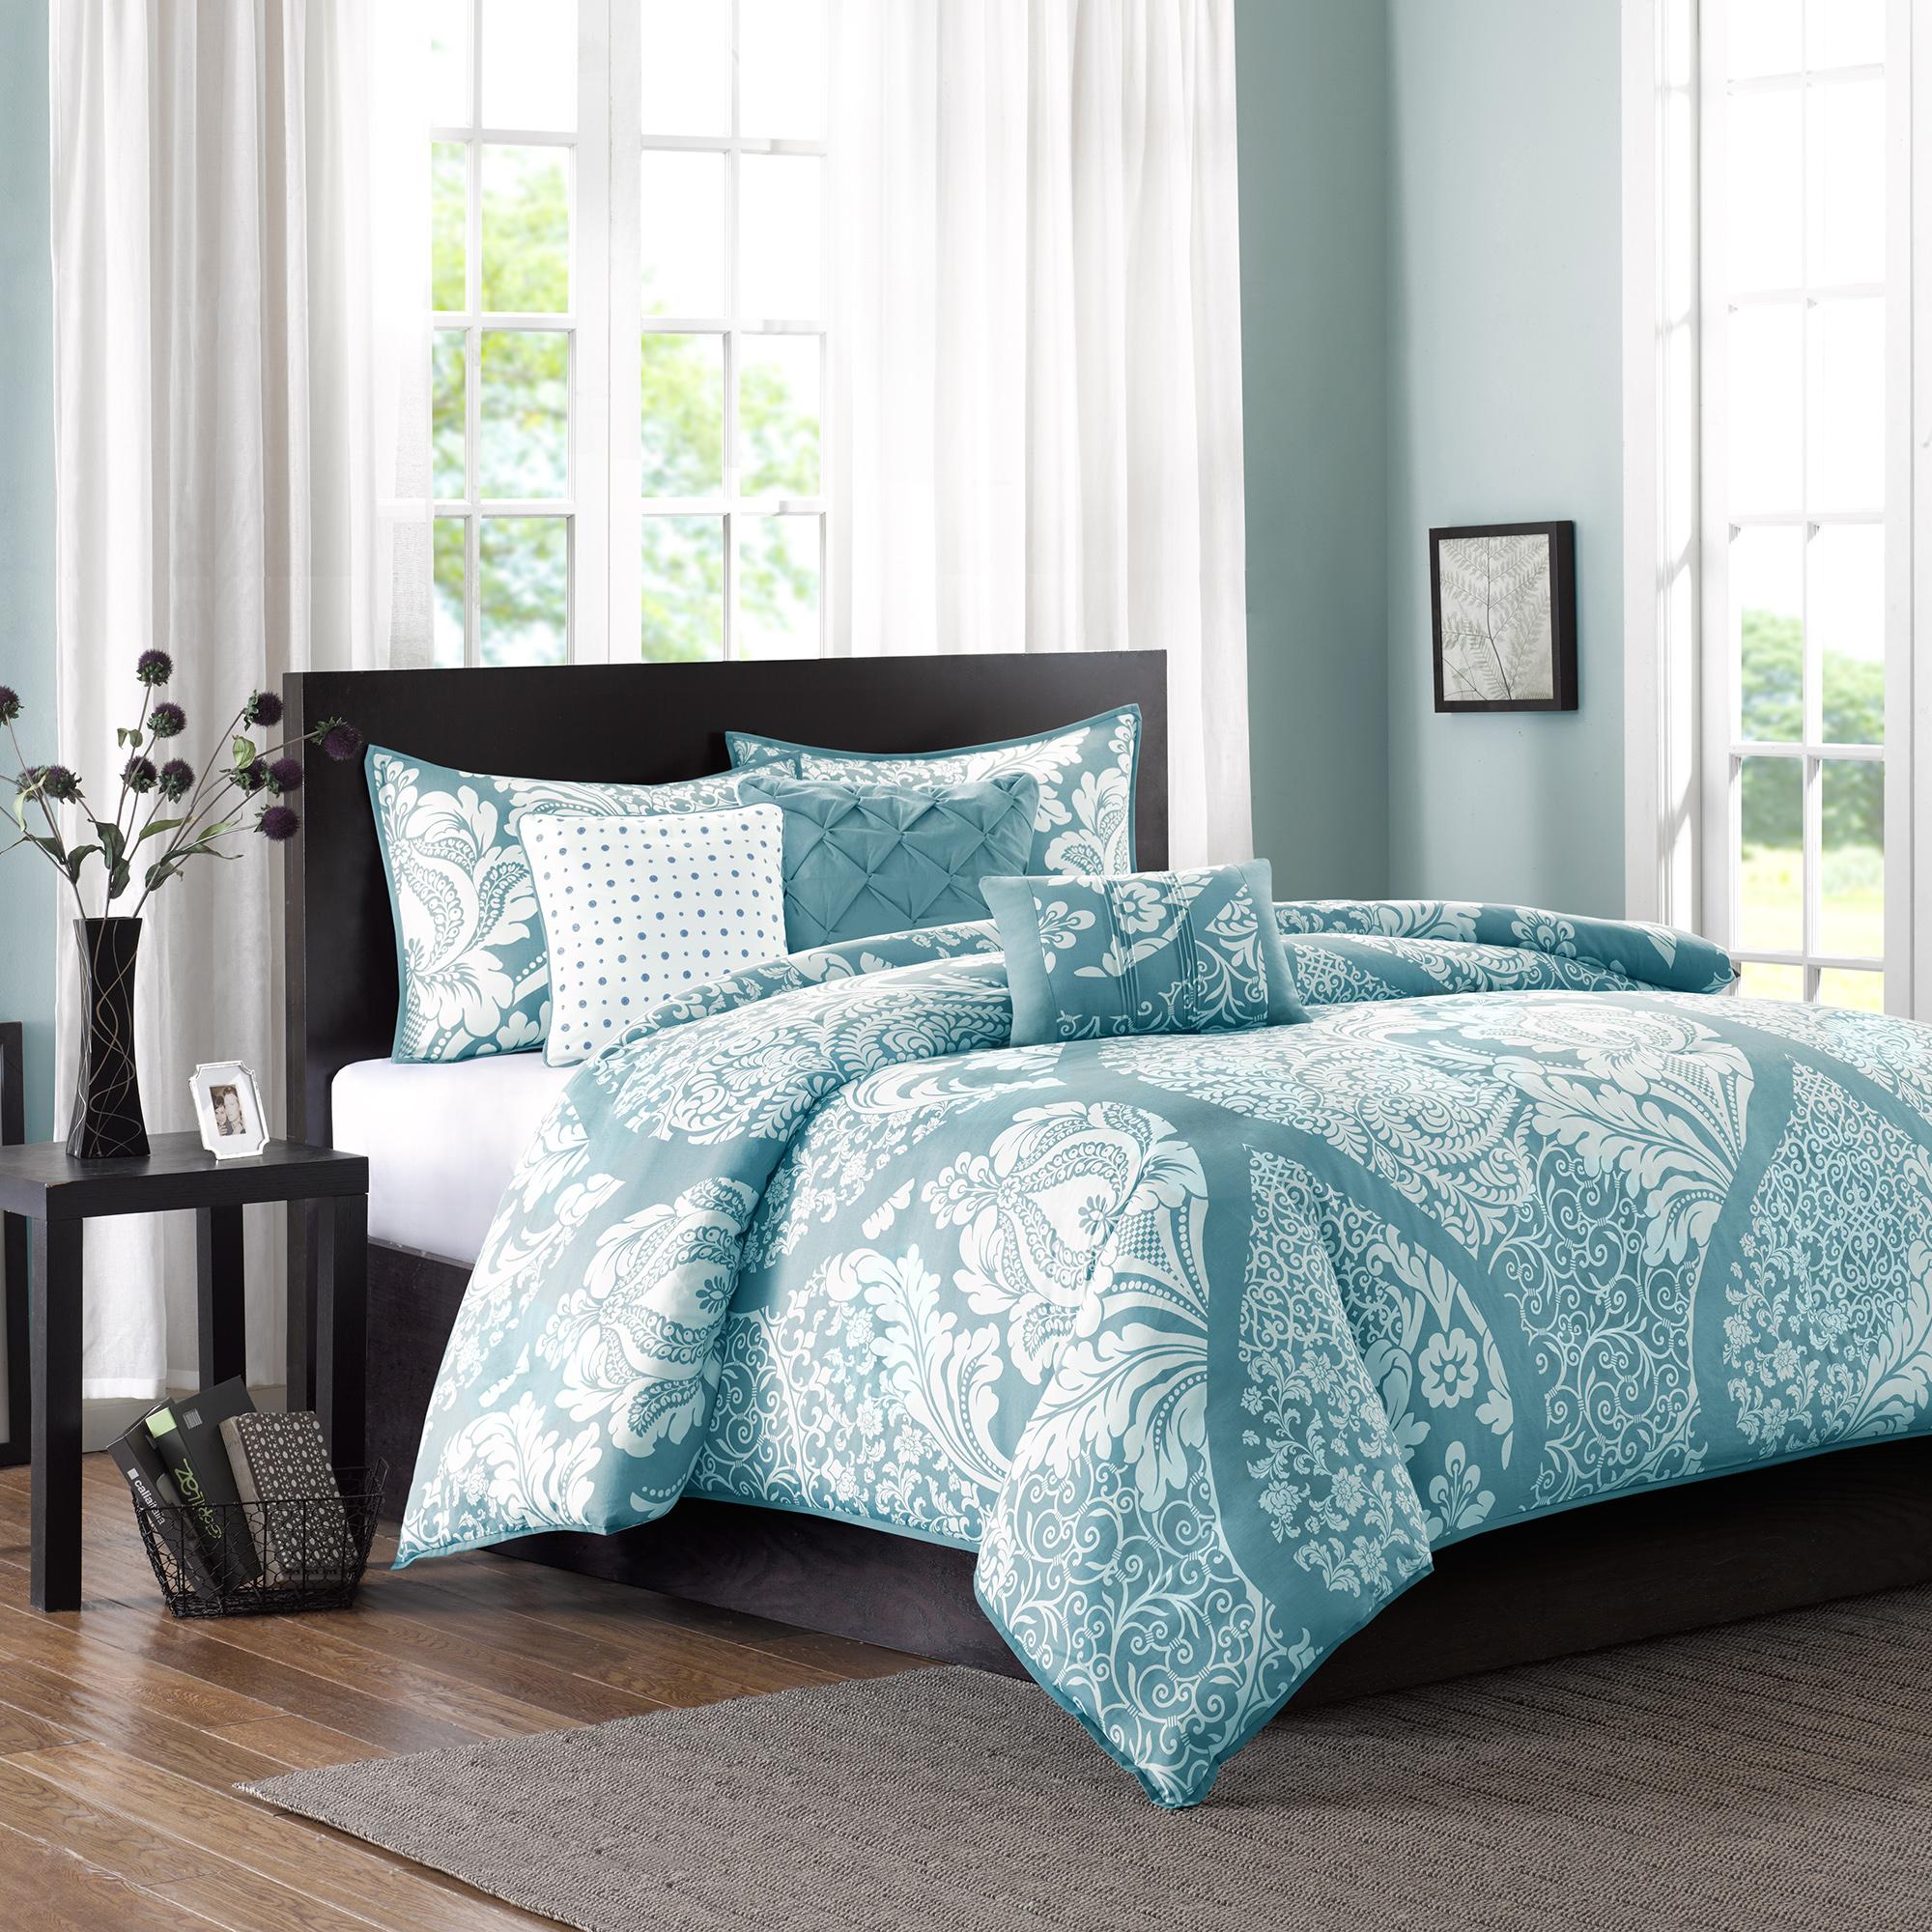 Home Essence Adela 6-Piece Bedding Duvet Cover Set